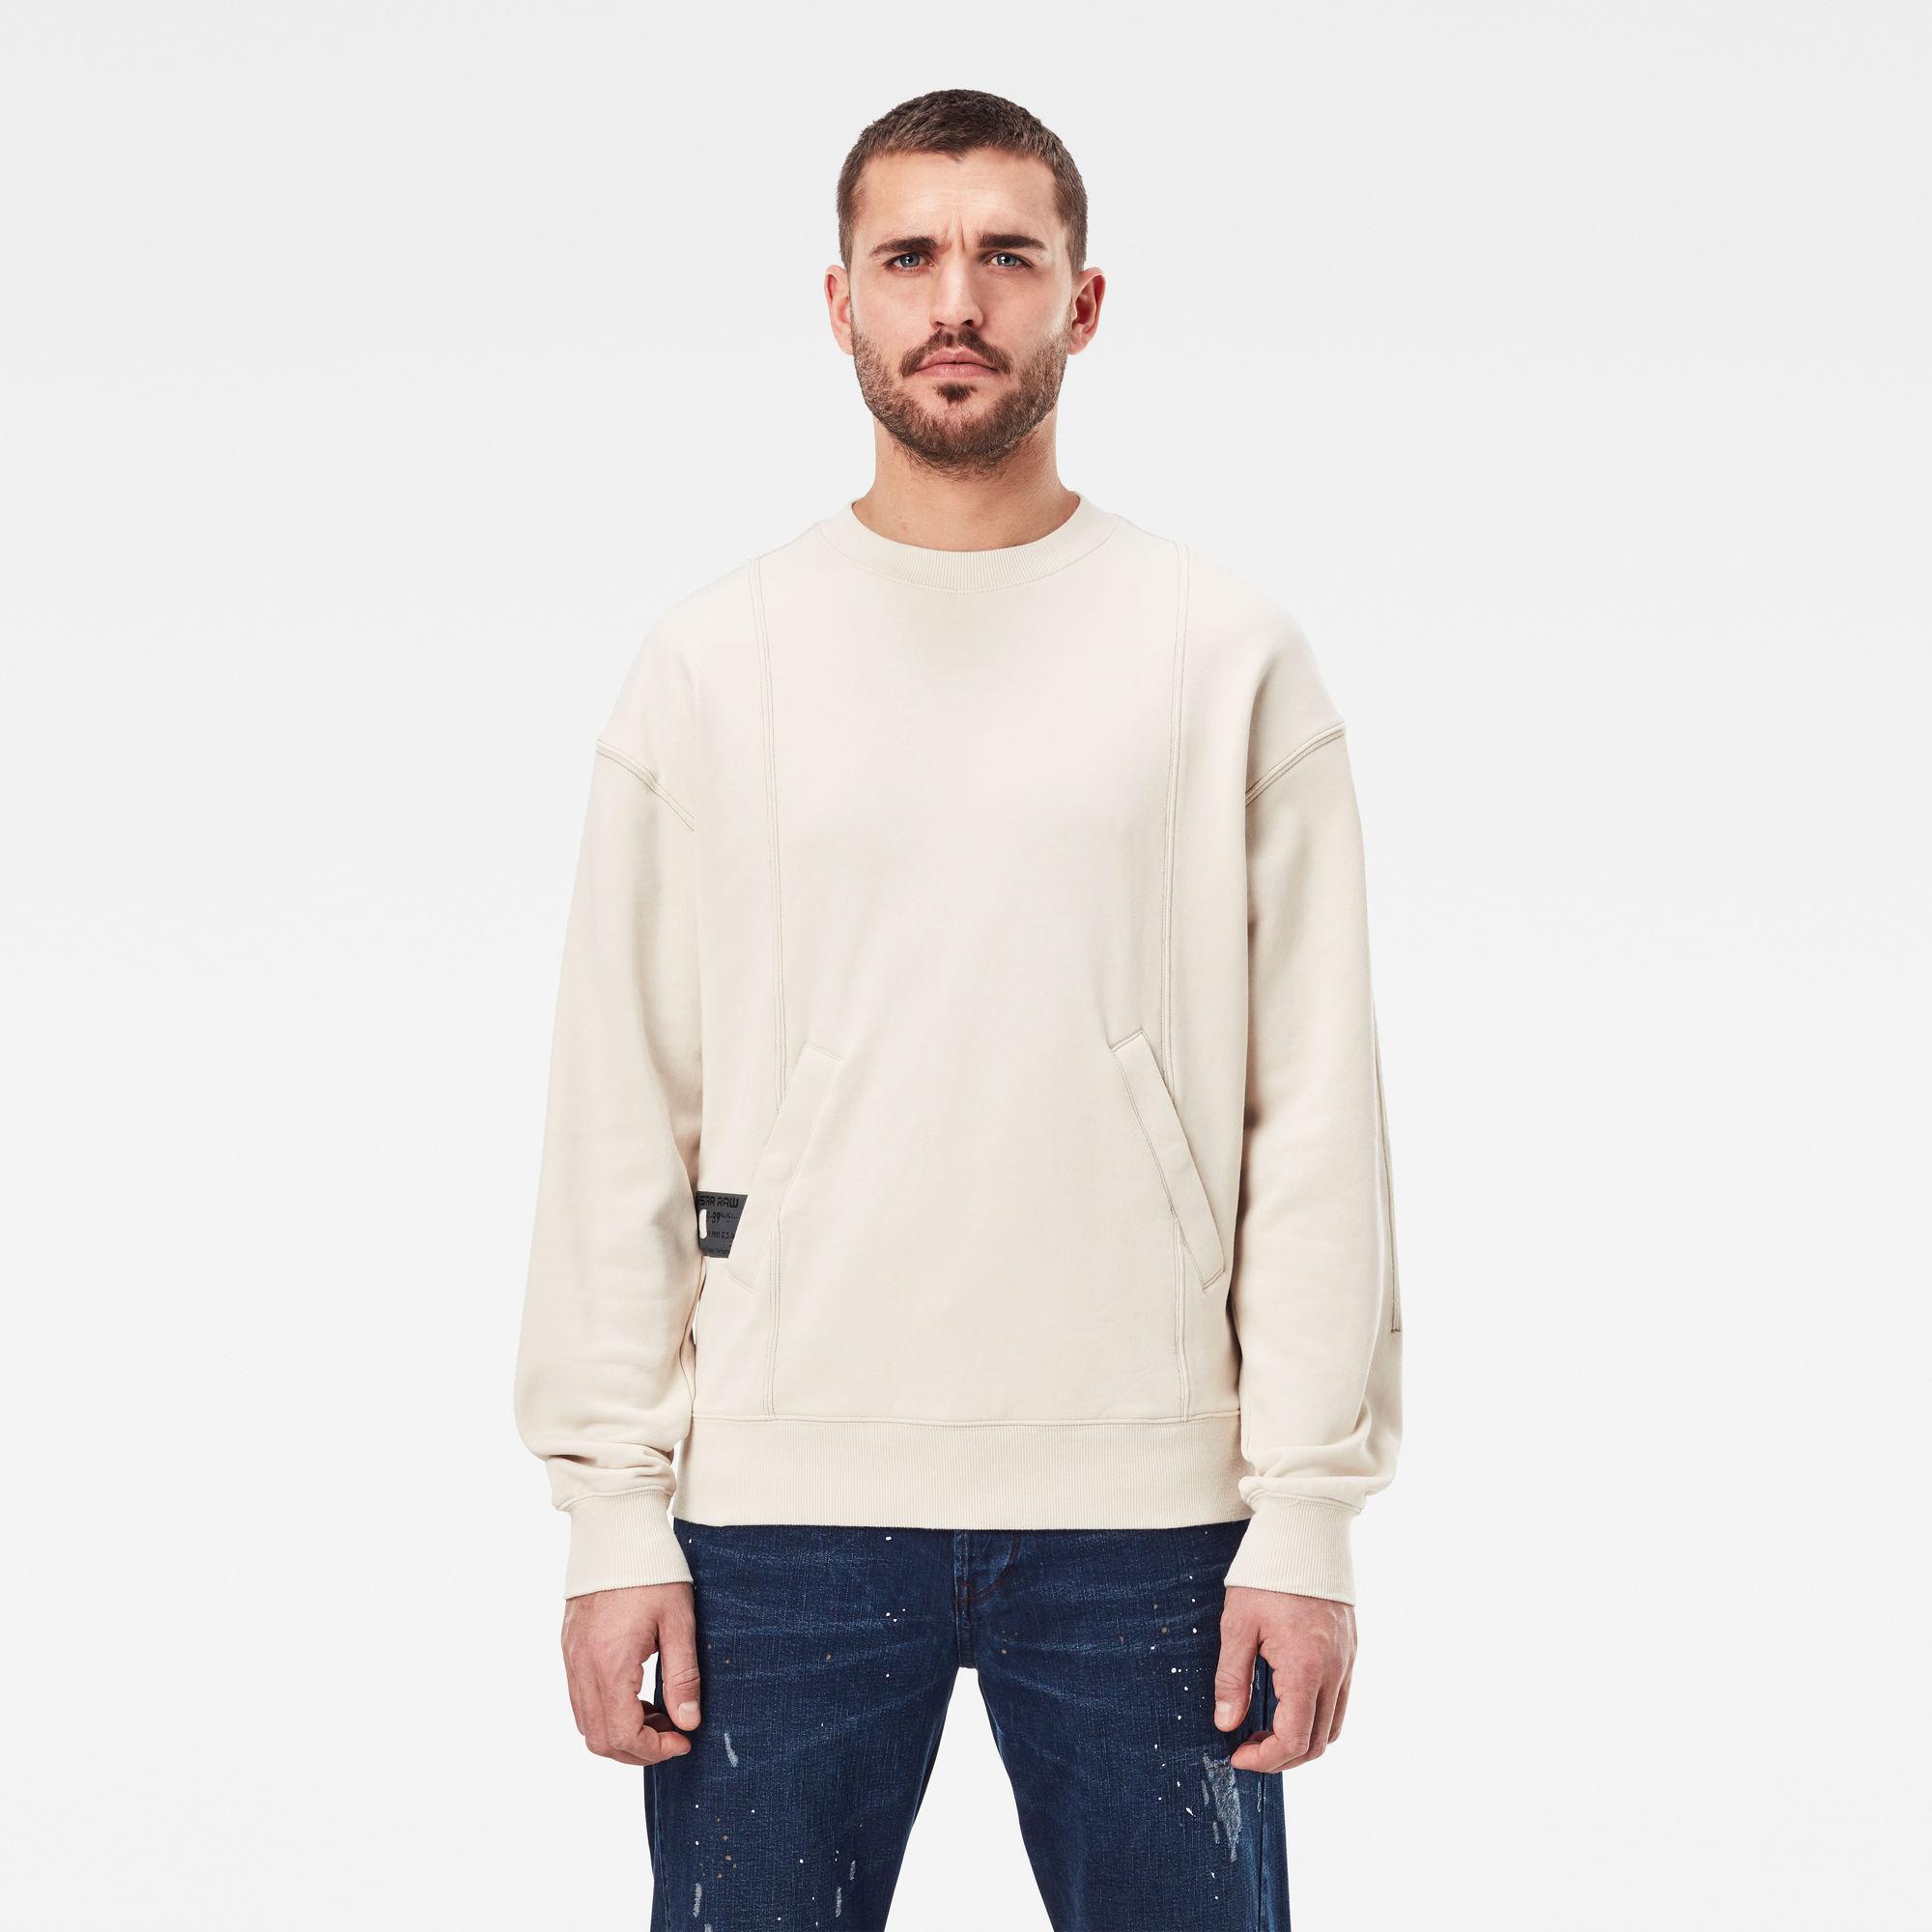 G-Star RAW Heren Stitch Sweater Beige